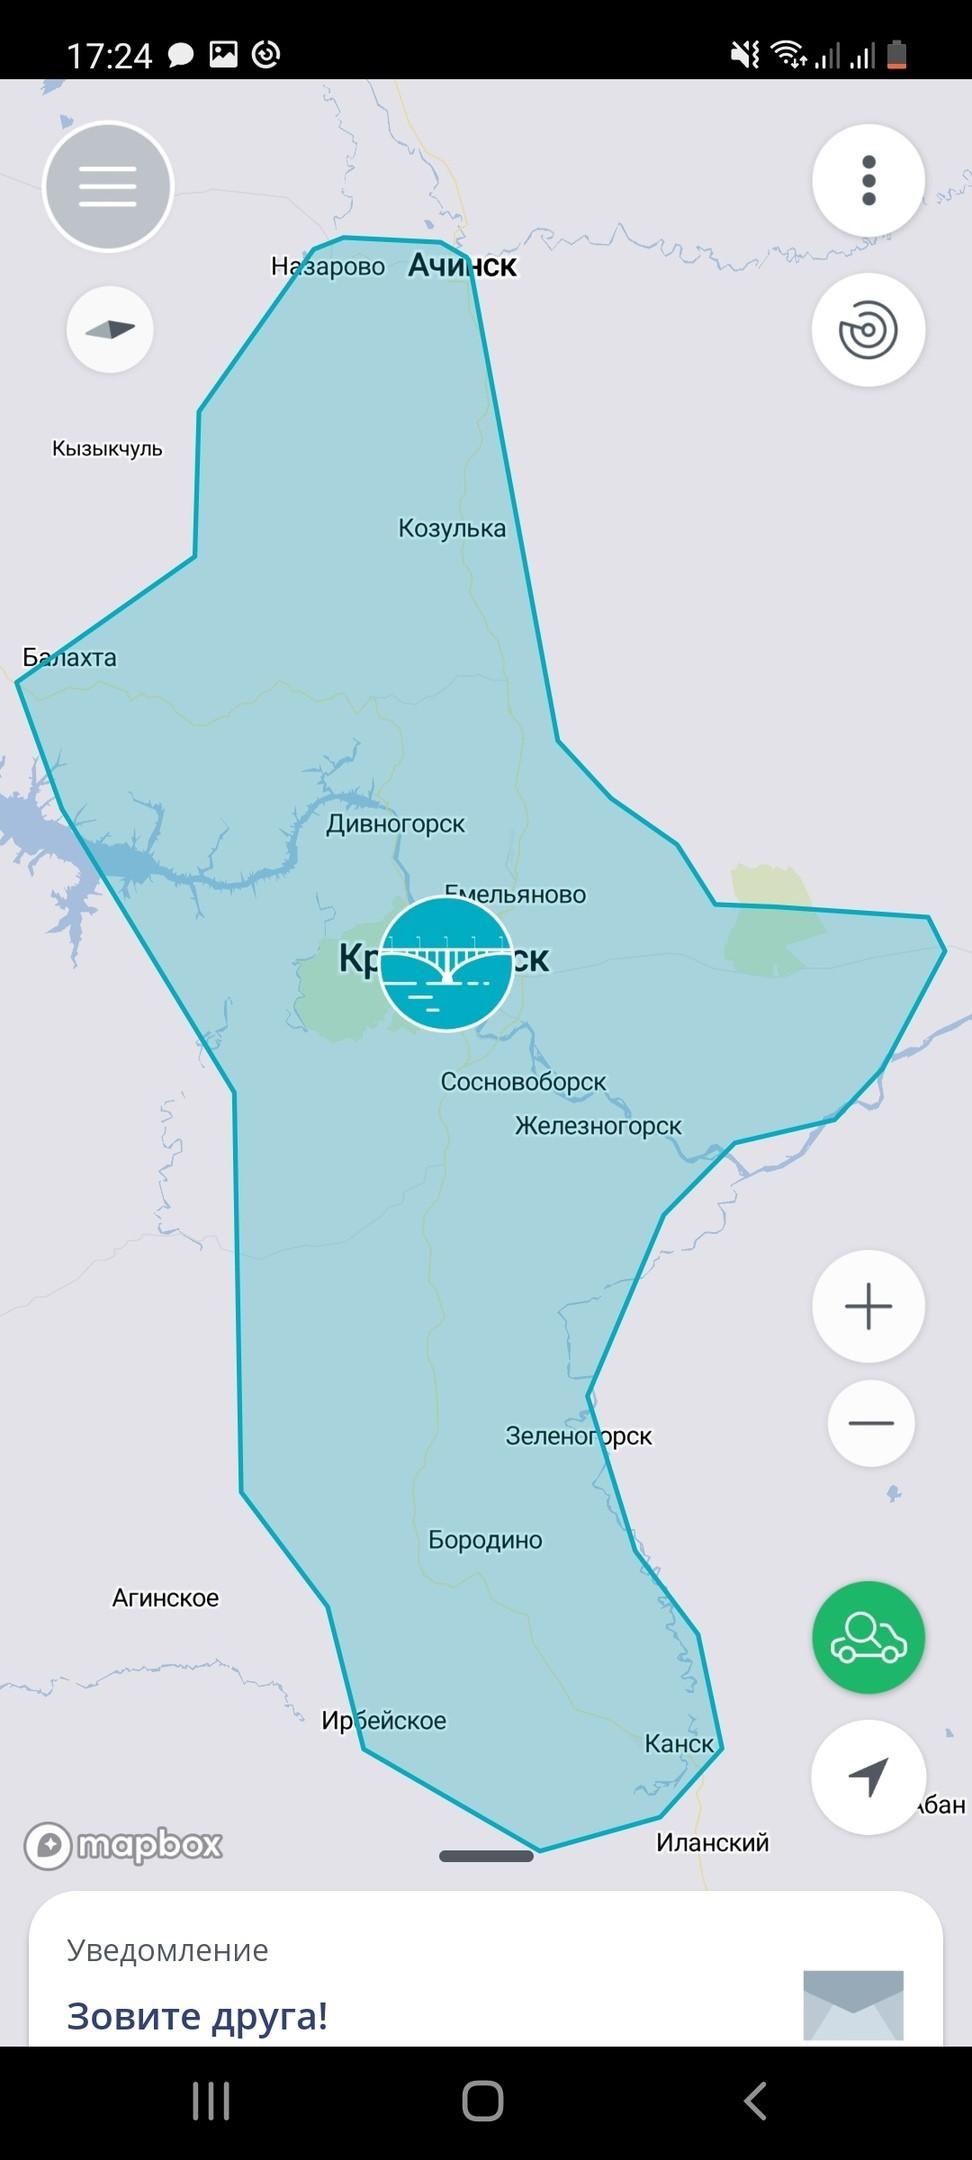 Зона передвижения Cars7 в Красноярске